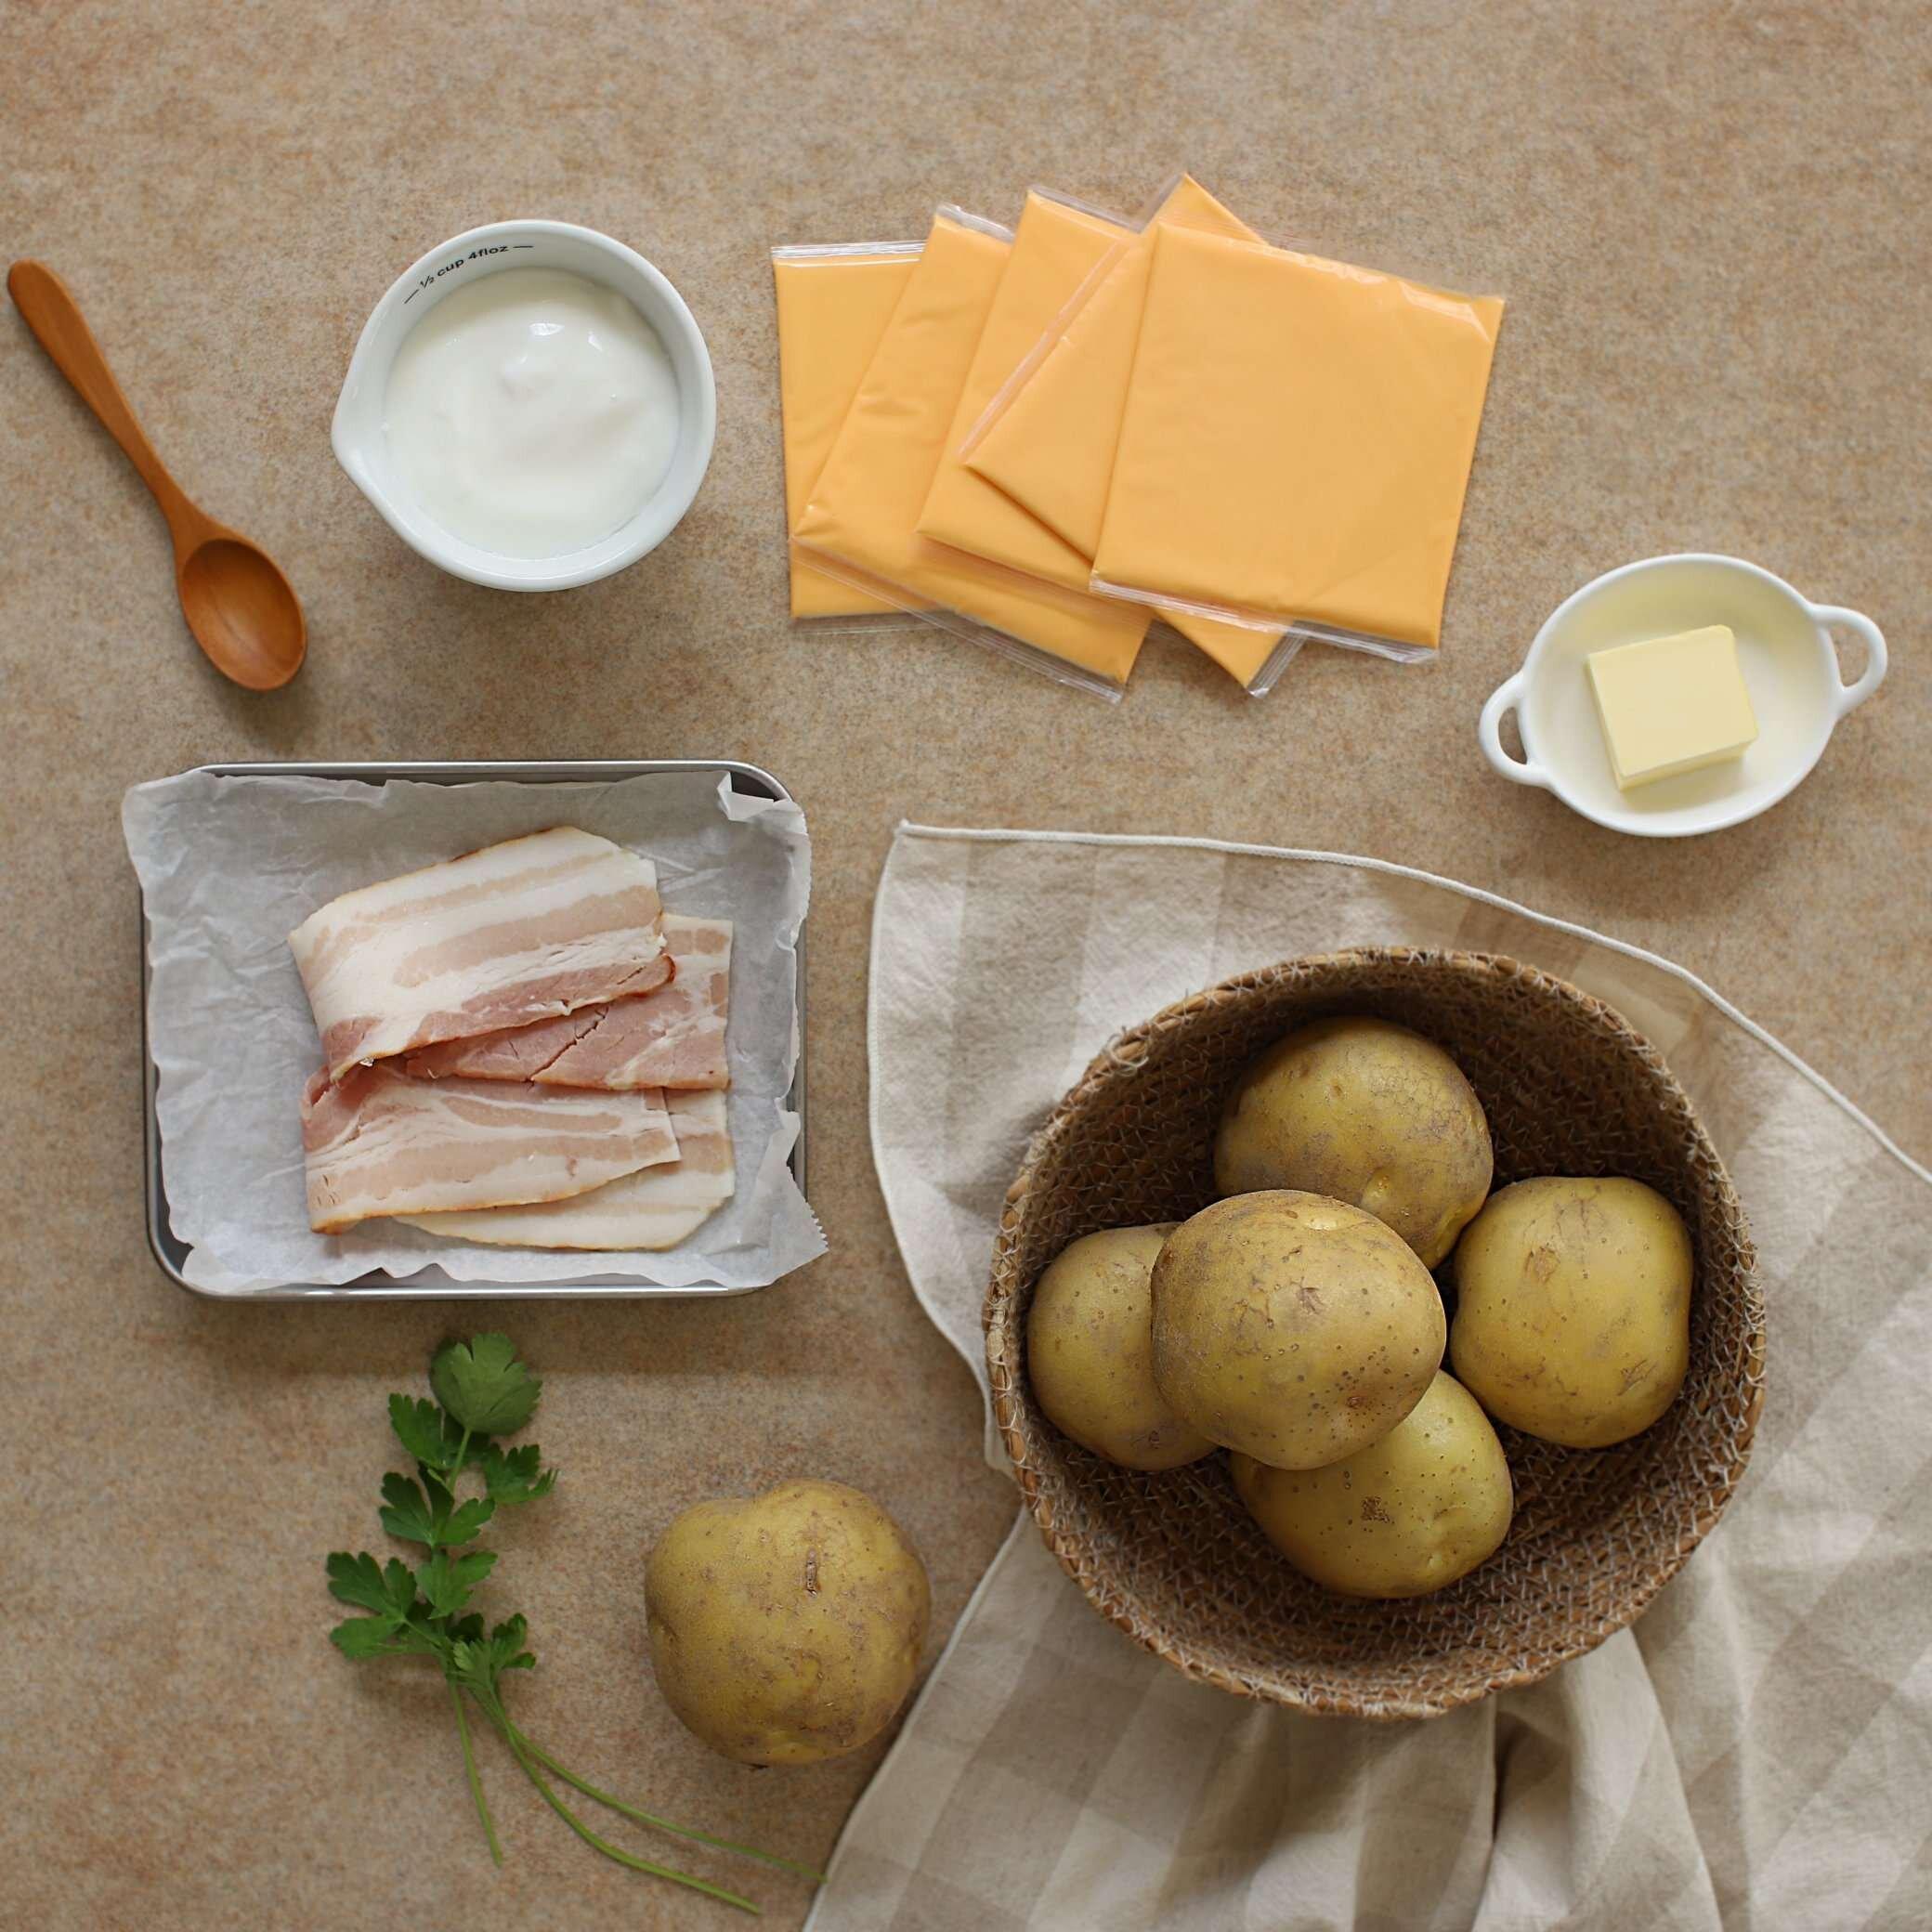 Bước đầu tiên là chuẩn bị nguyên liệu chính: khoai tây và gia vị